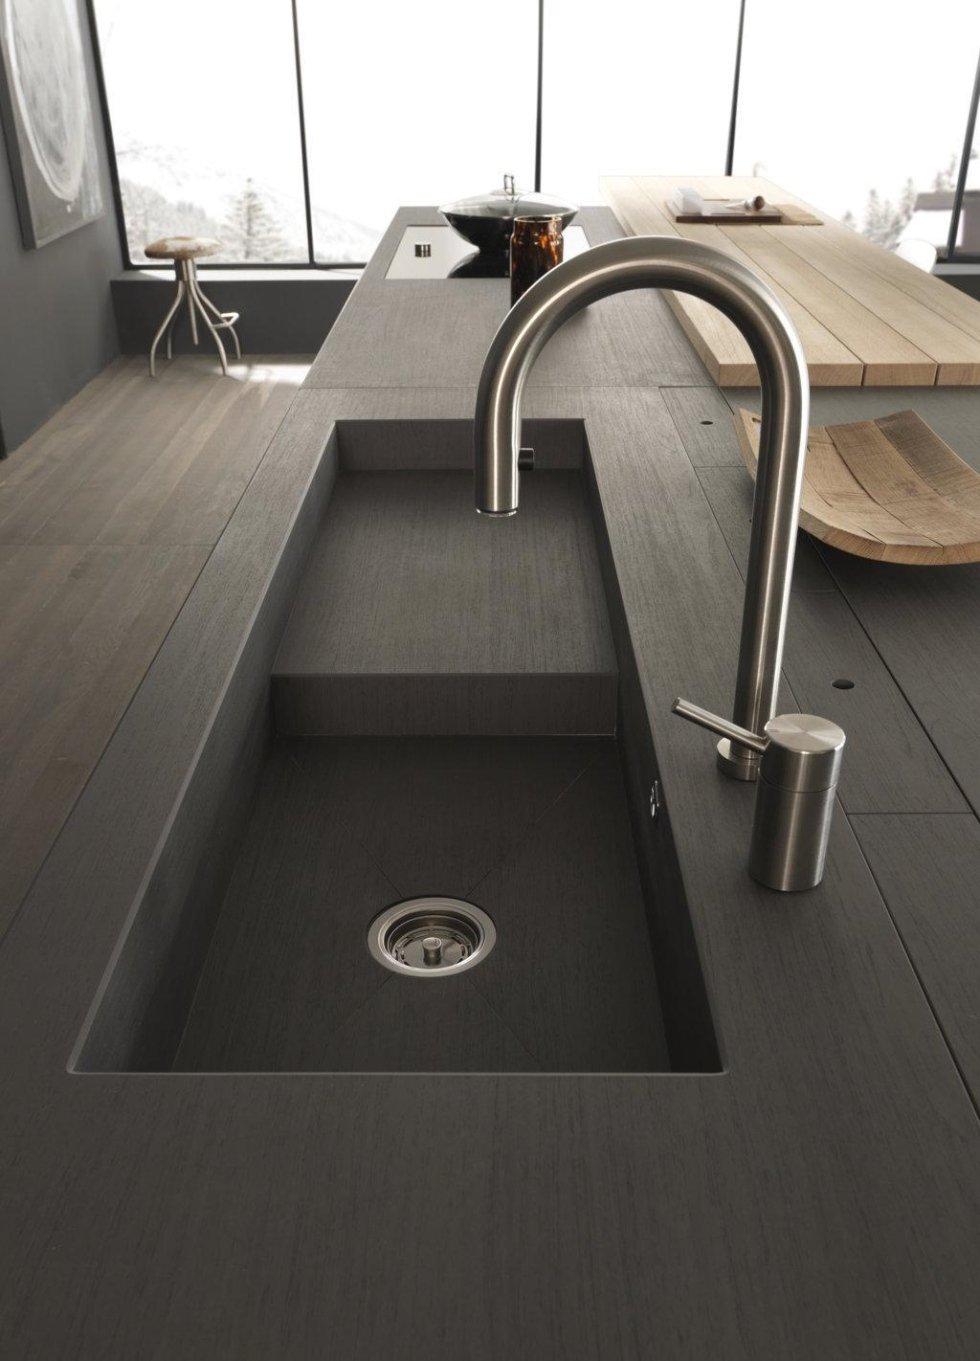 cucina moderna in legno con rubinetto lavello in acciaio